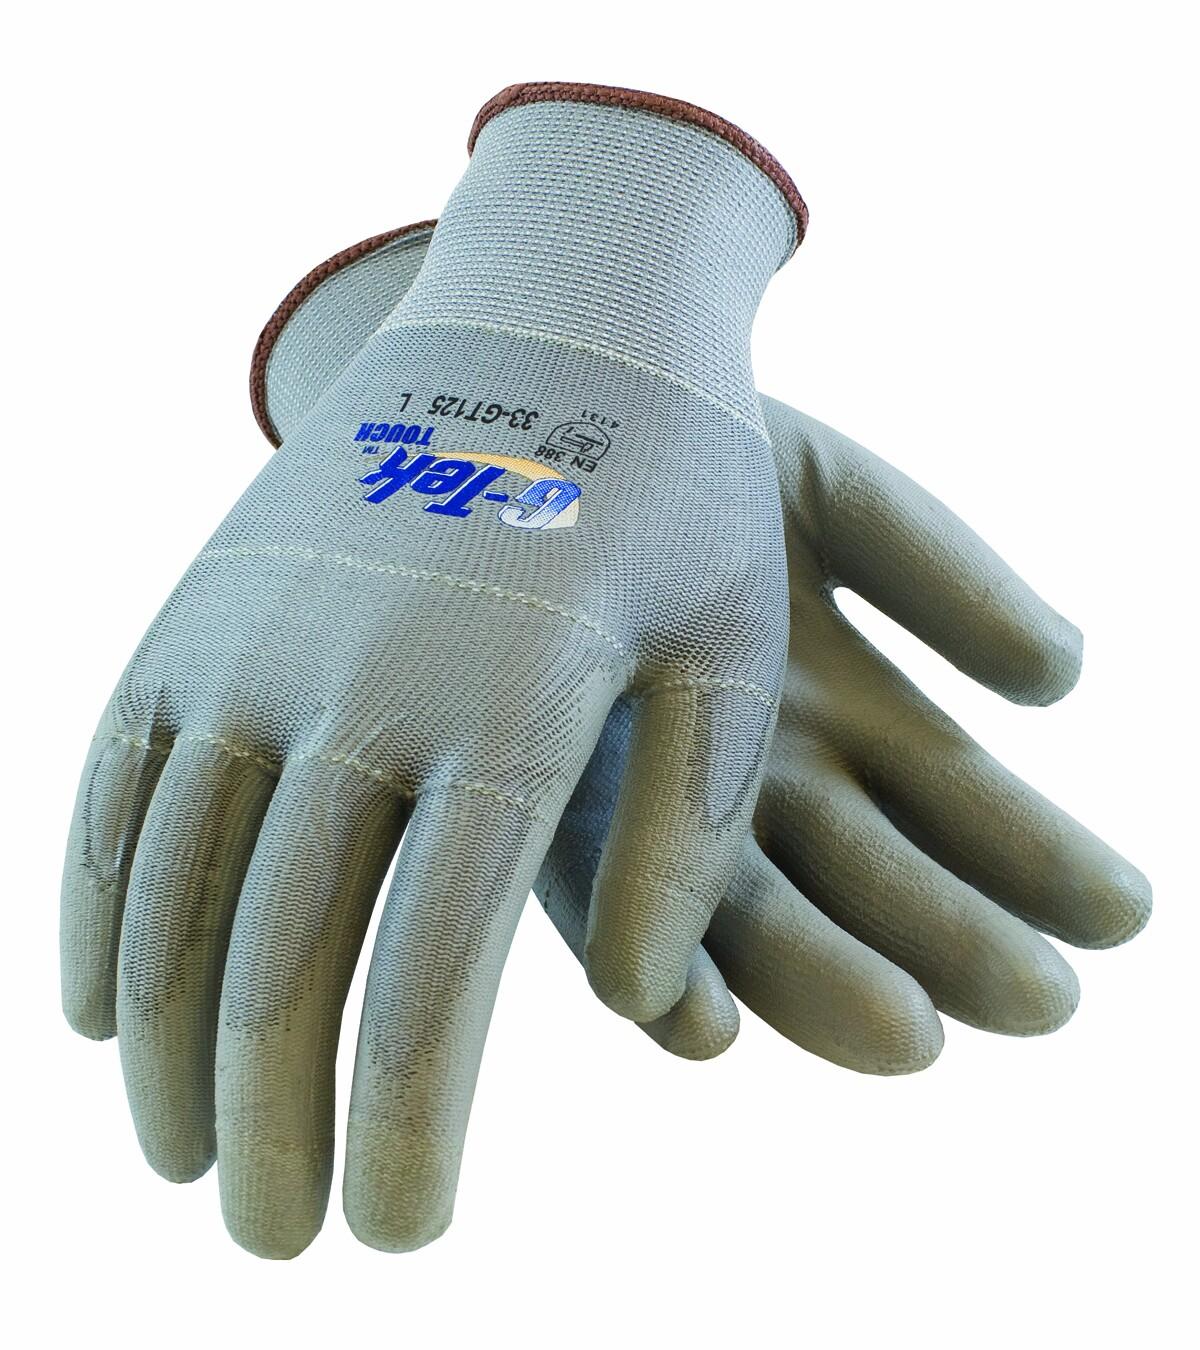 Nike Gloves Touch Screen: G-TEK Touchscreen Coated Gloves